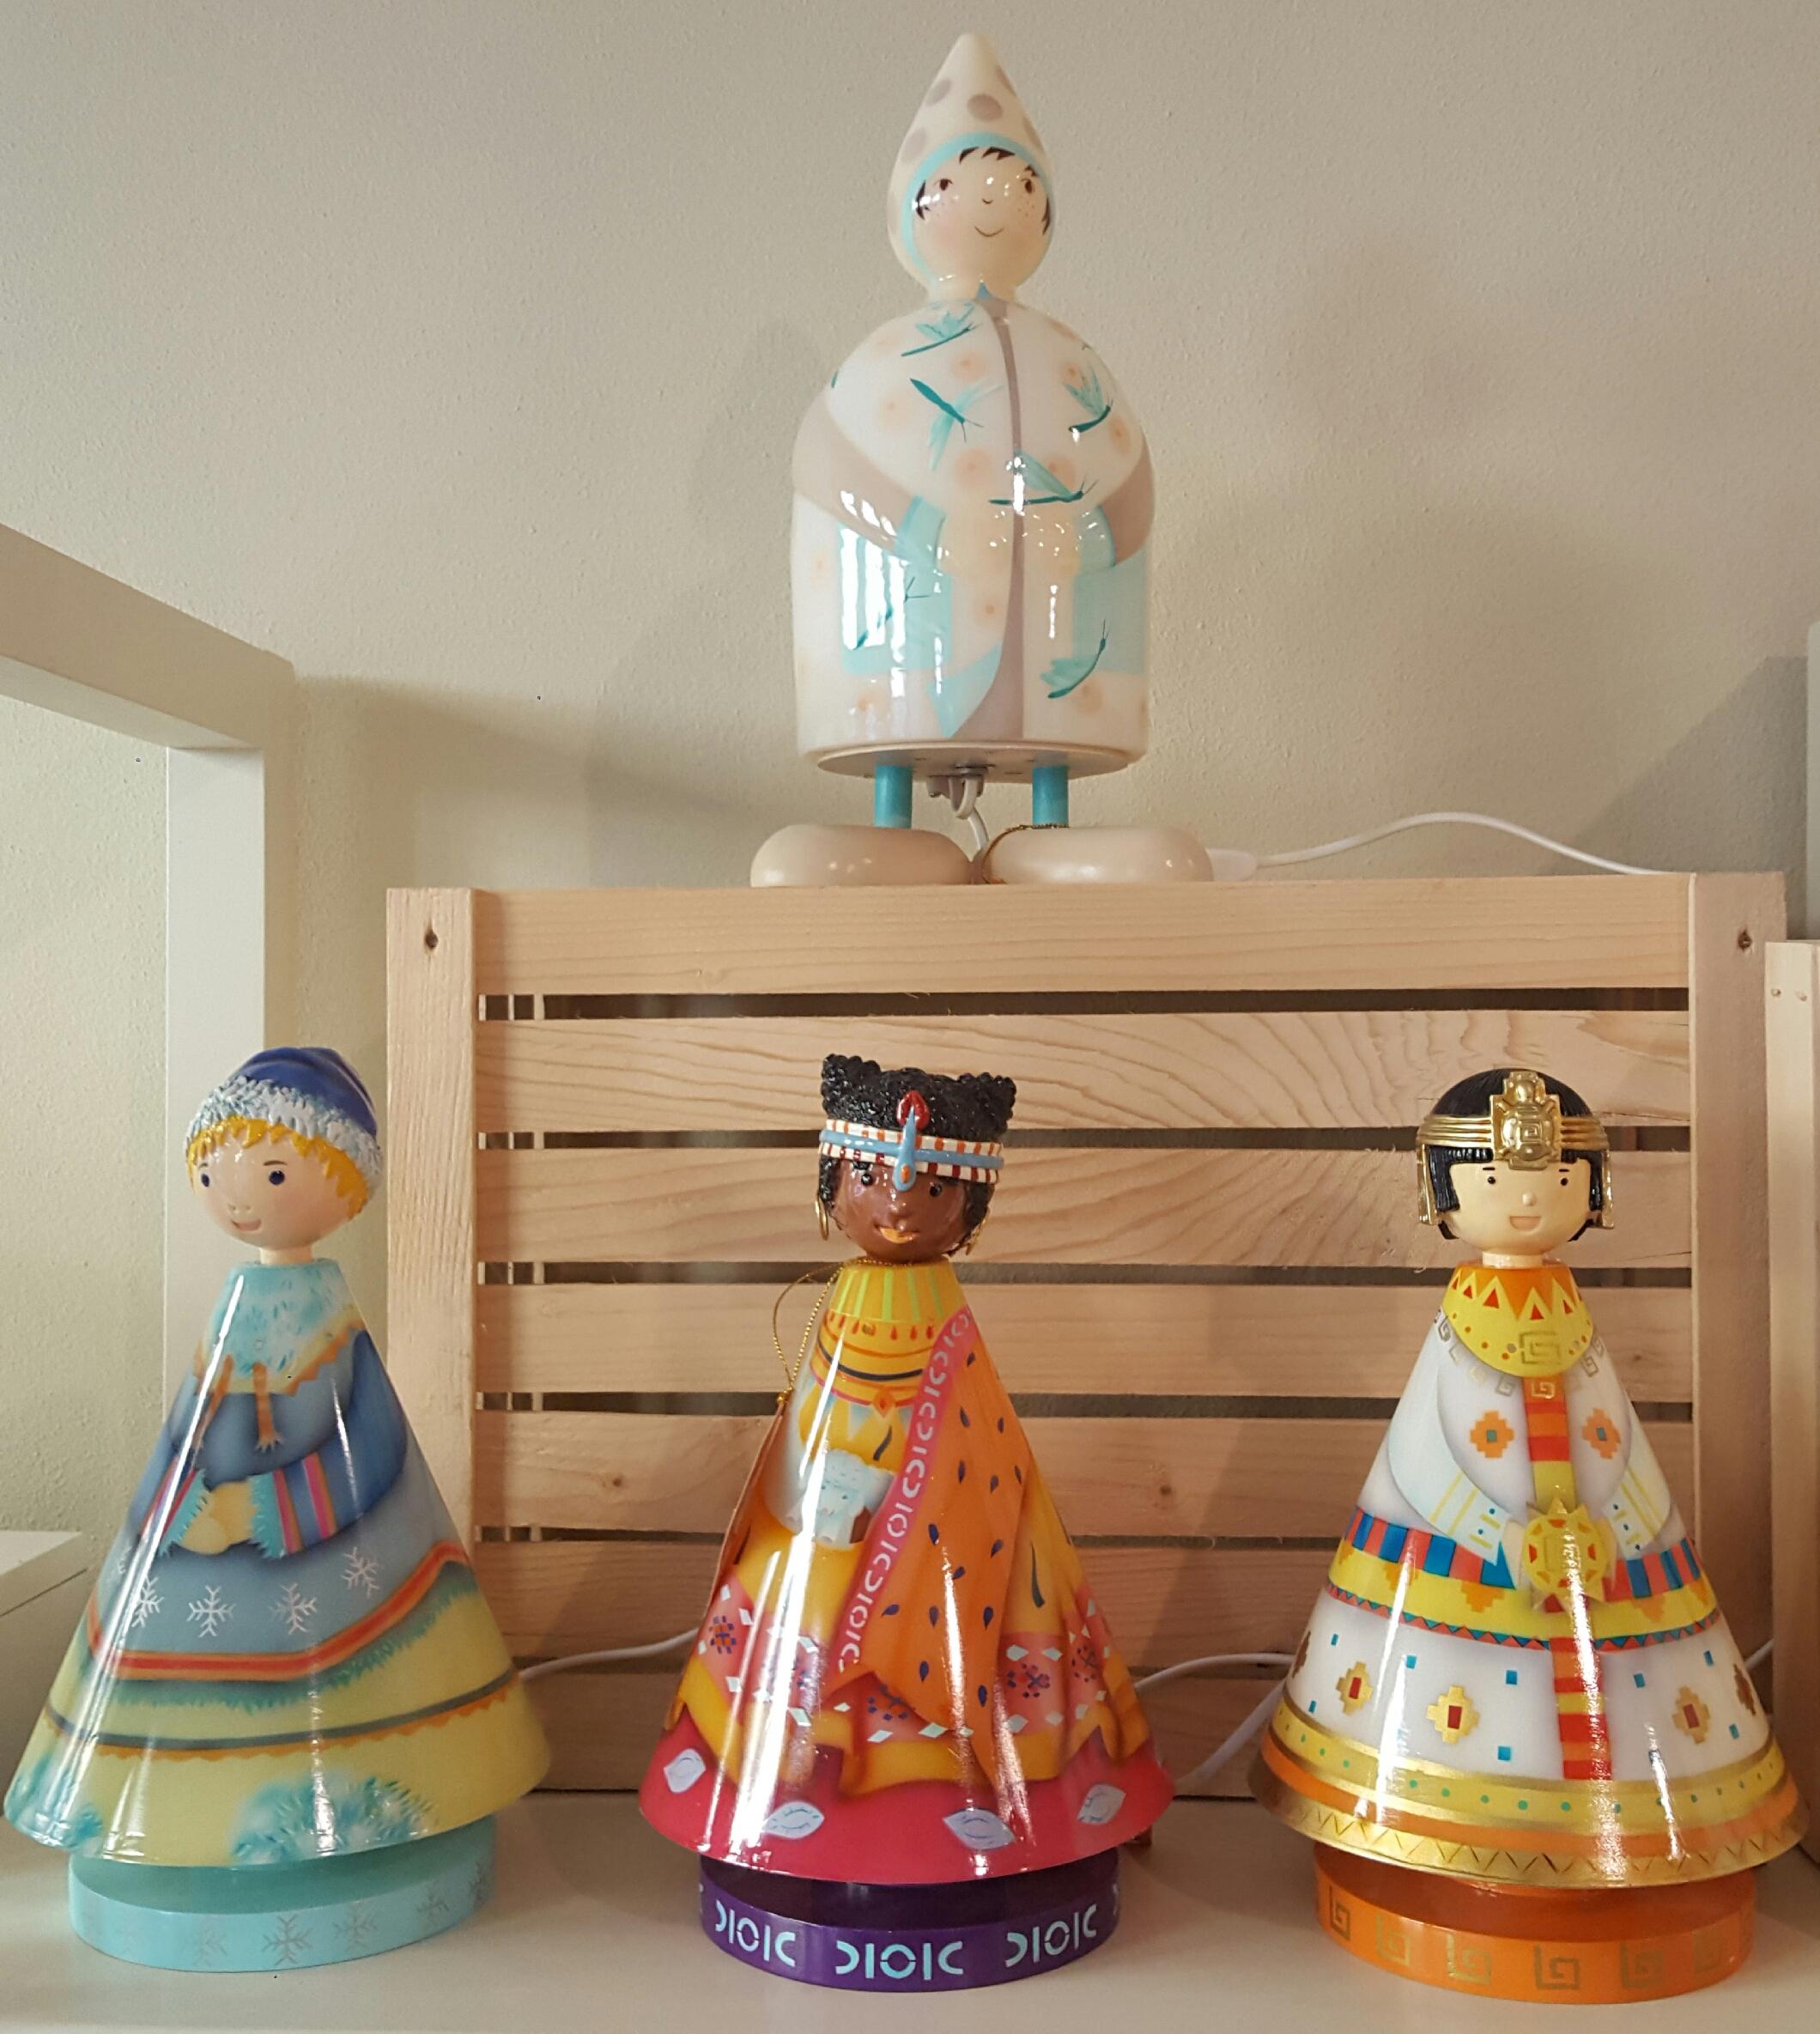 Lampade bambini milano design per la casa idee per interni - Lampade bambini design ...